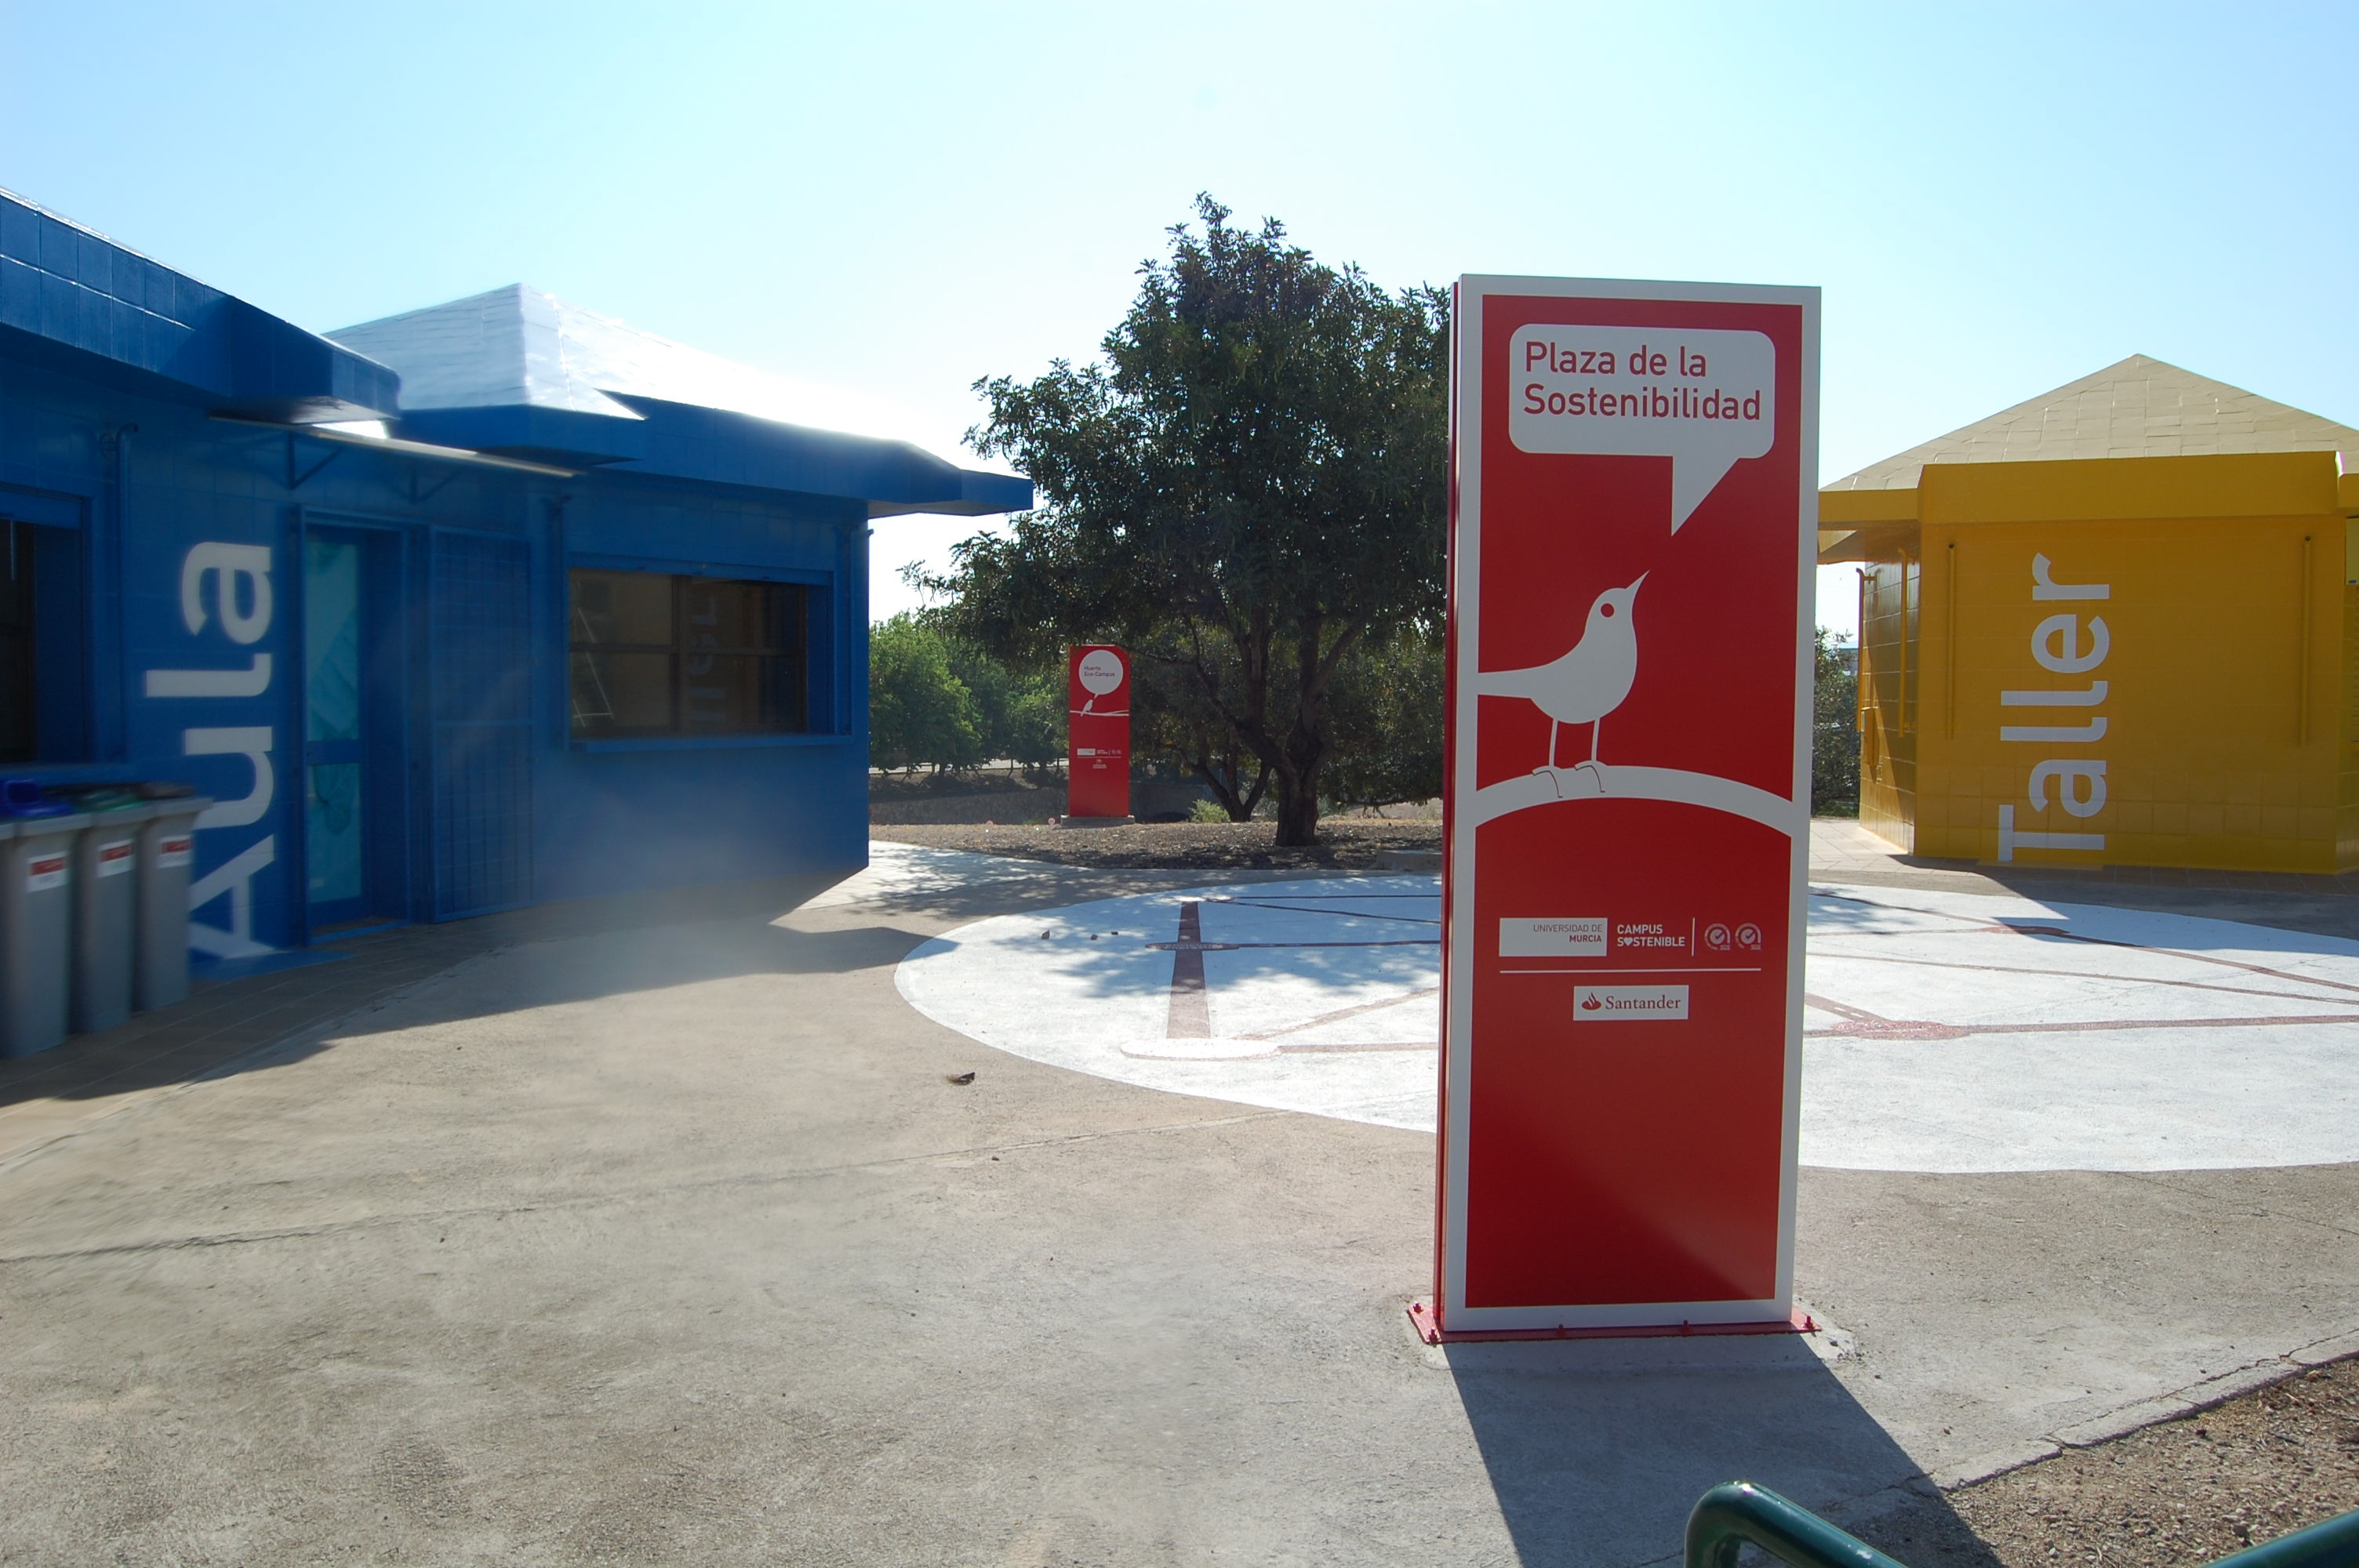 1. Plaza de la sostenibilidad